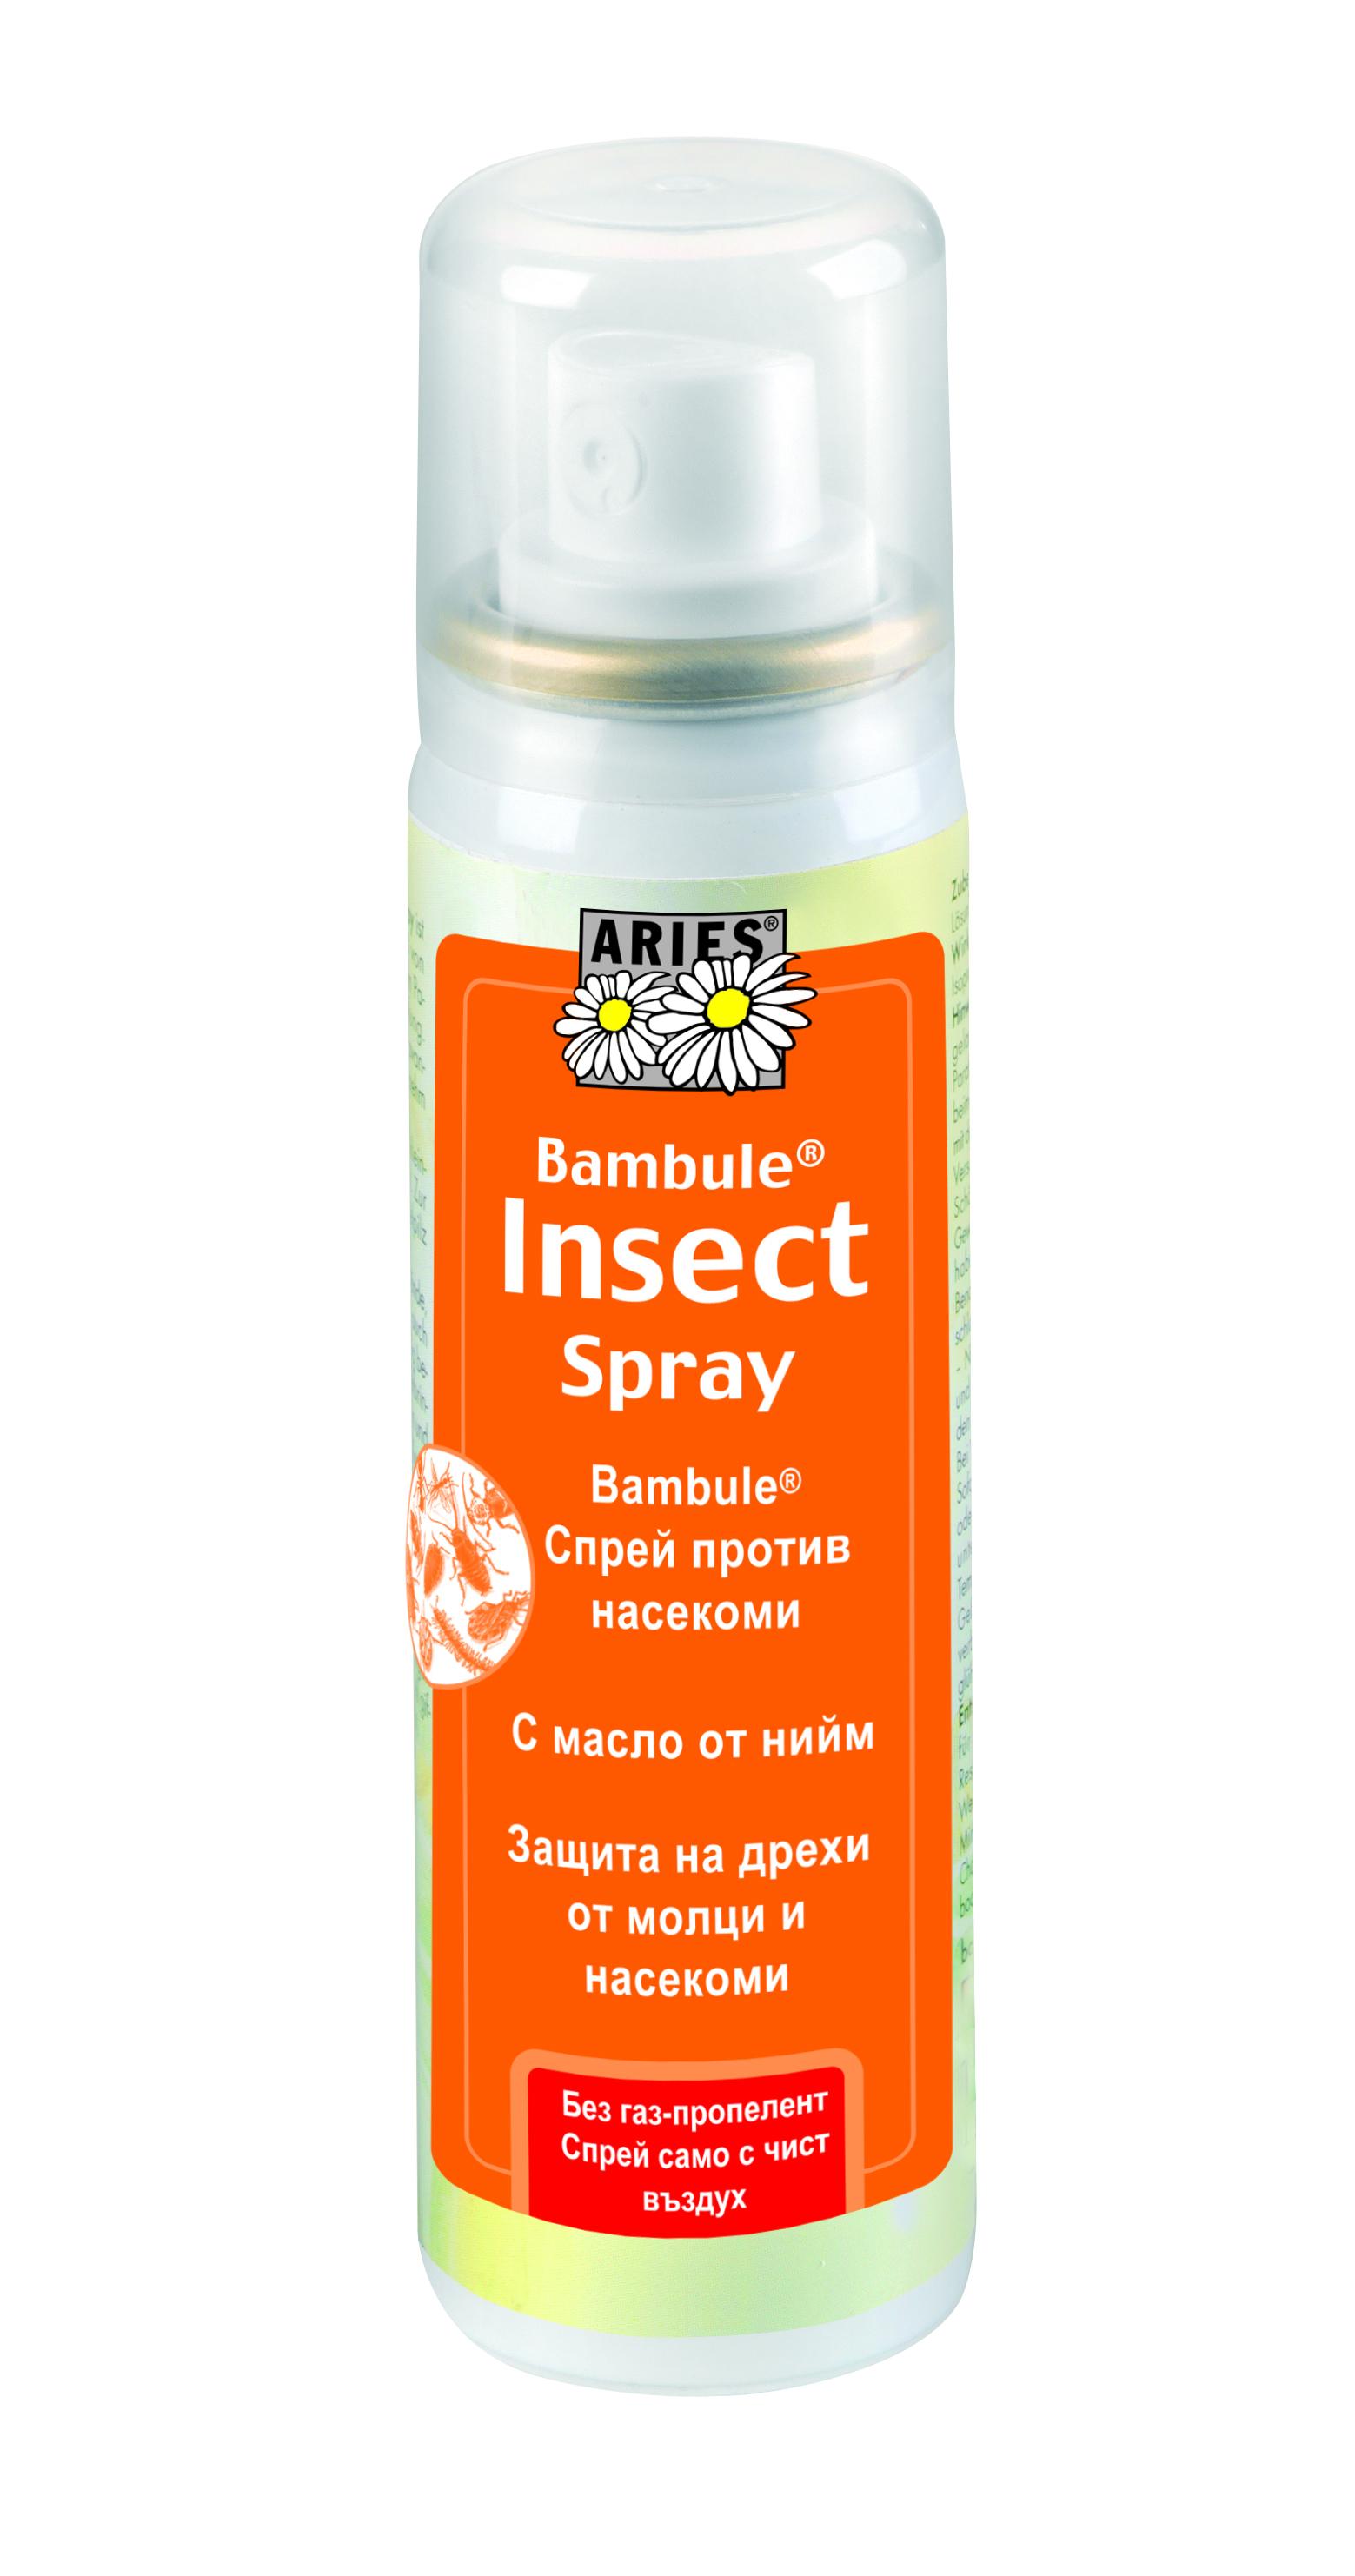 Спрей против насекоми Bambule